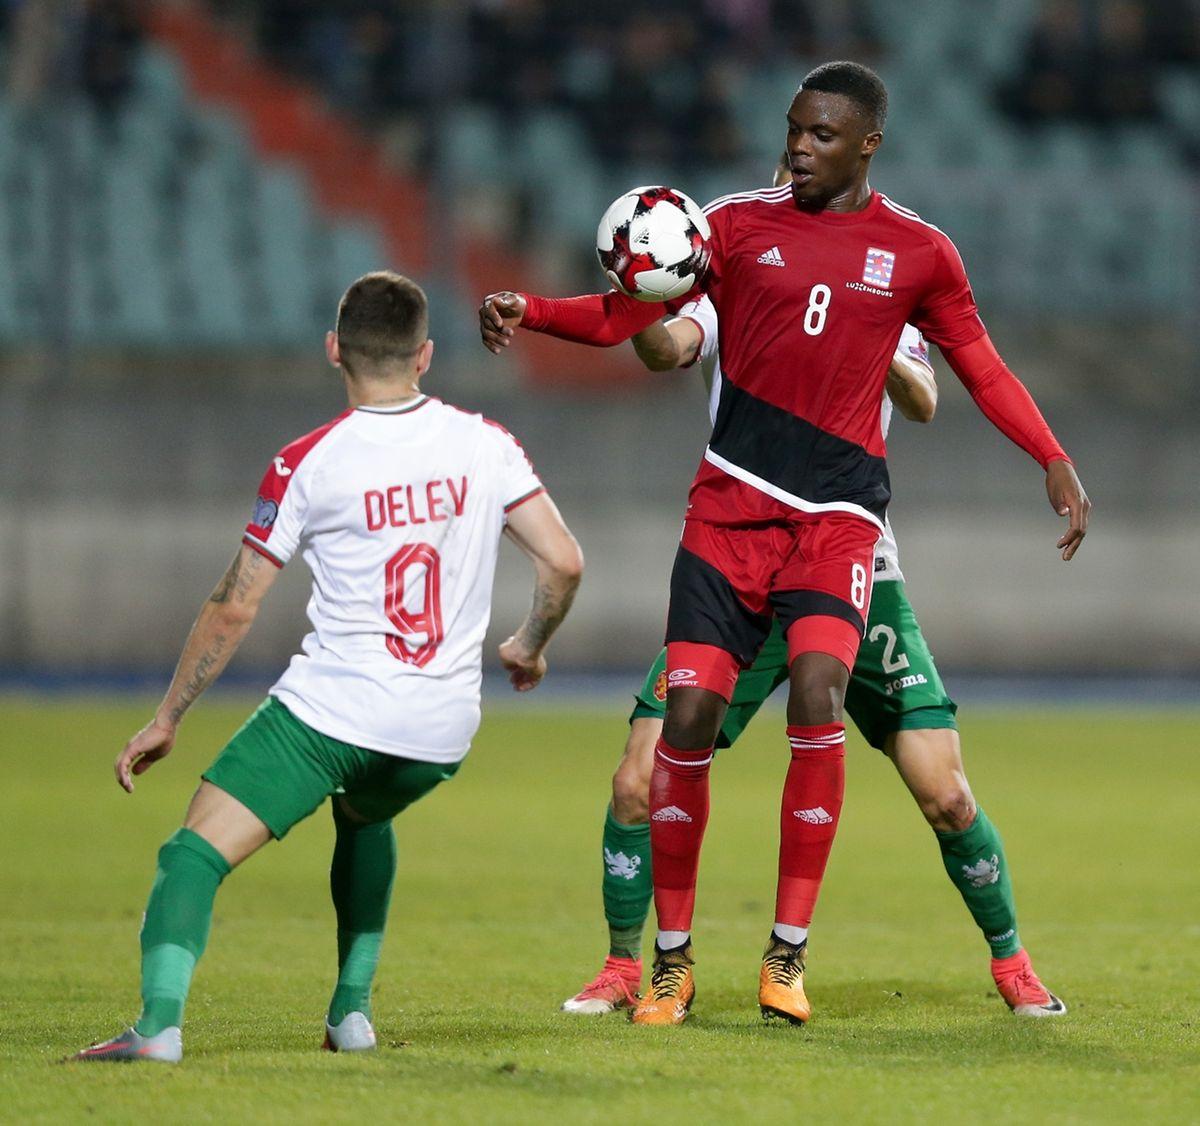 Naguère utilisé comme défenseur central, Christopher Martins officie désormais au milieu de terrain en sélection